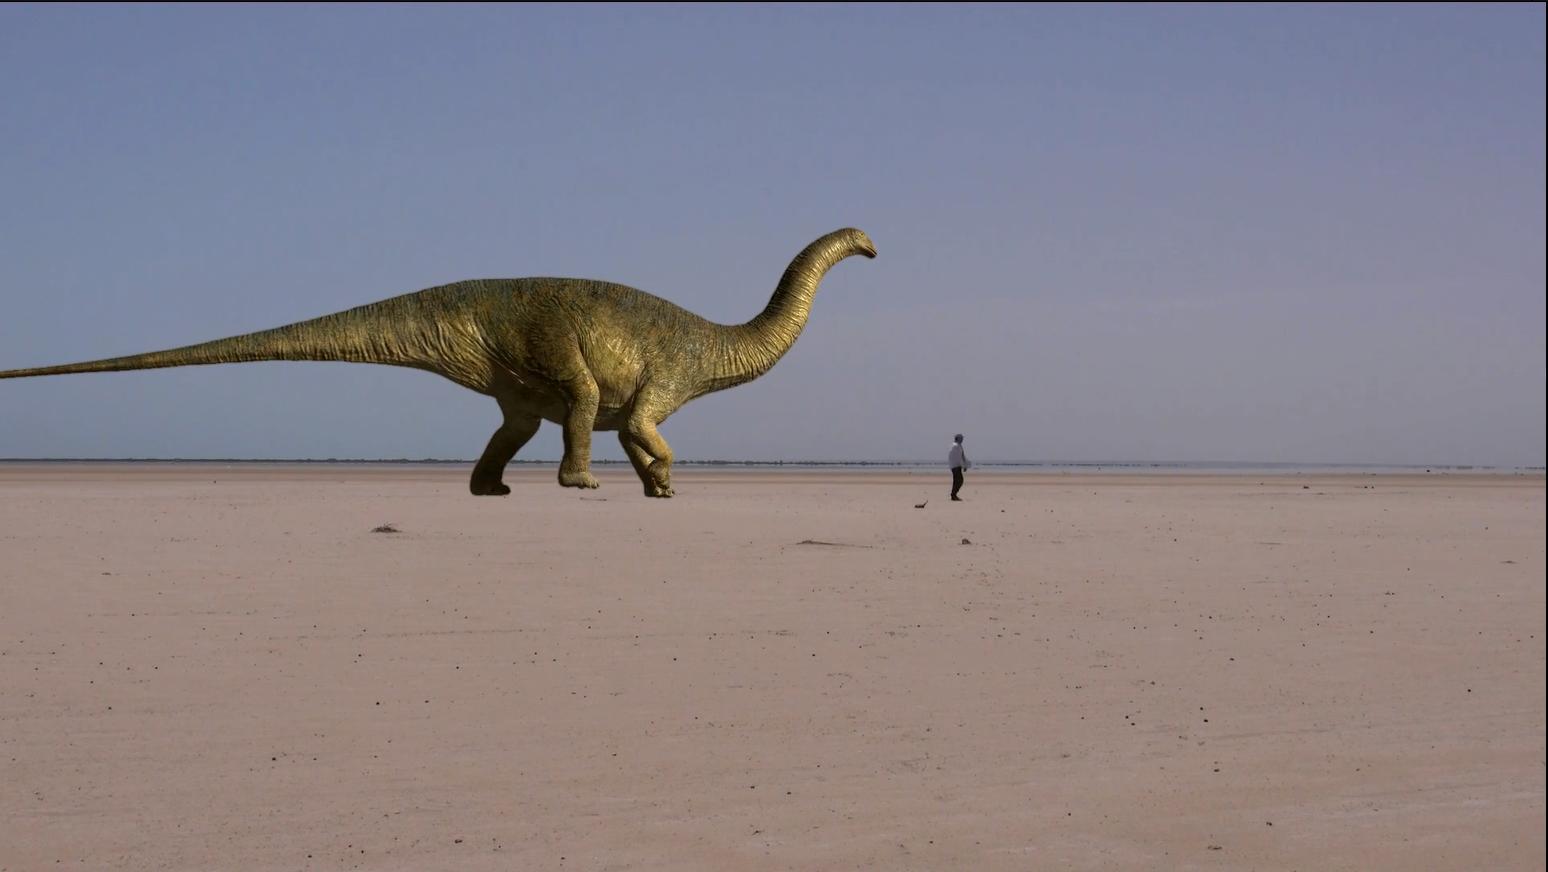 恐龙在沙滩行走高清实拍视频素材